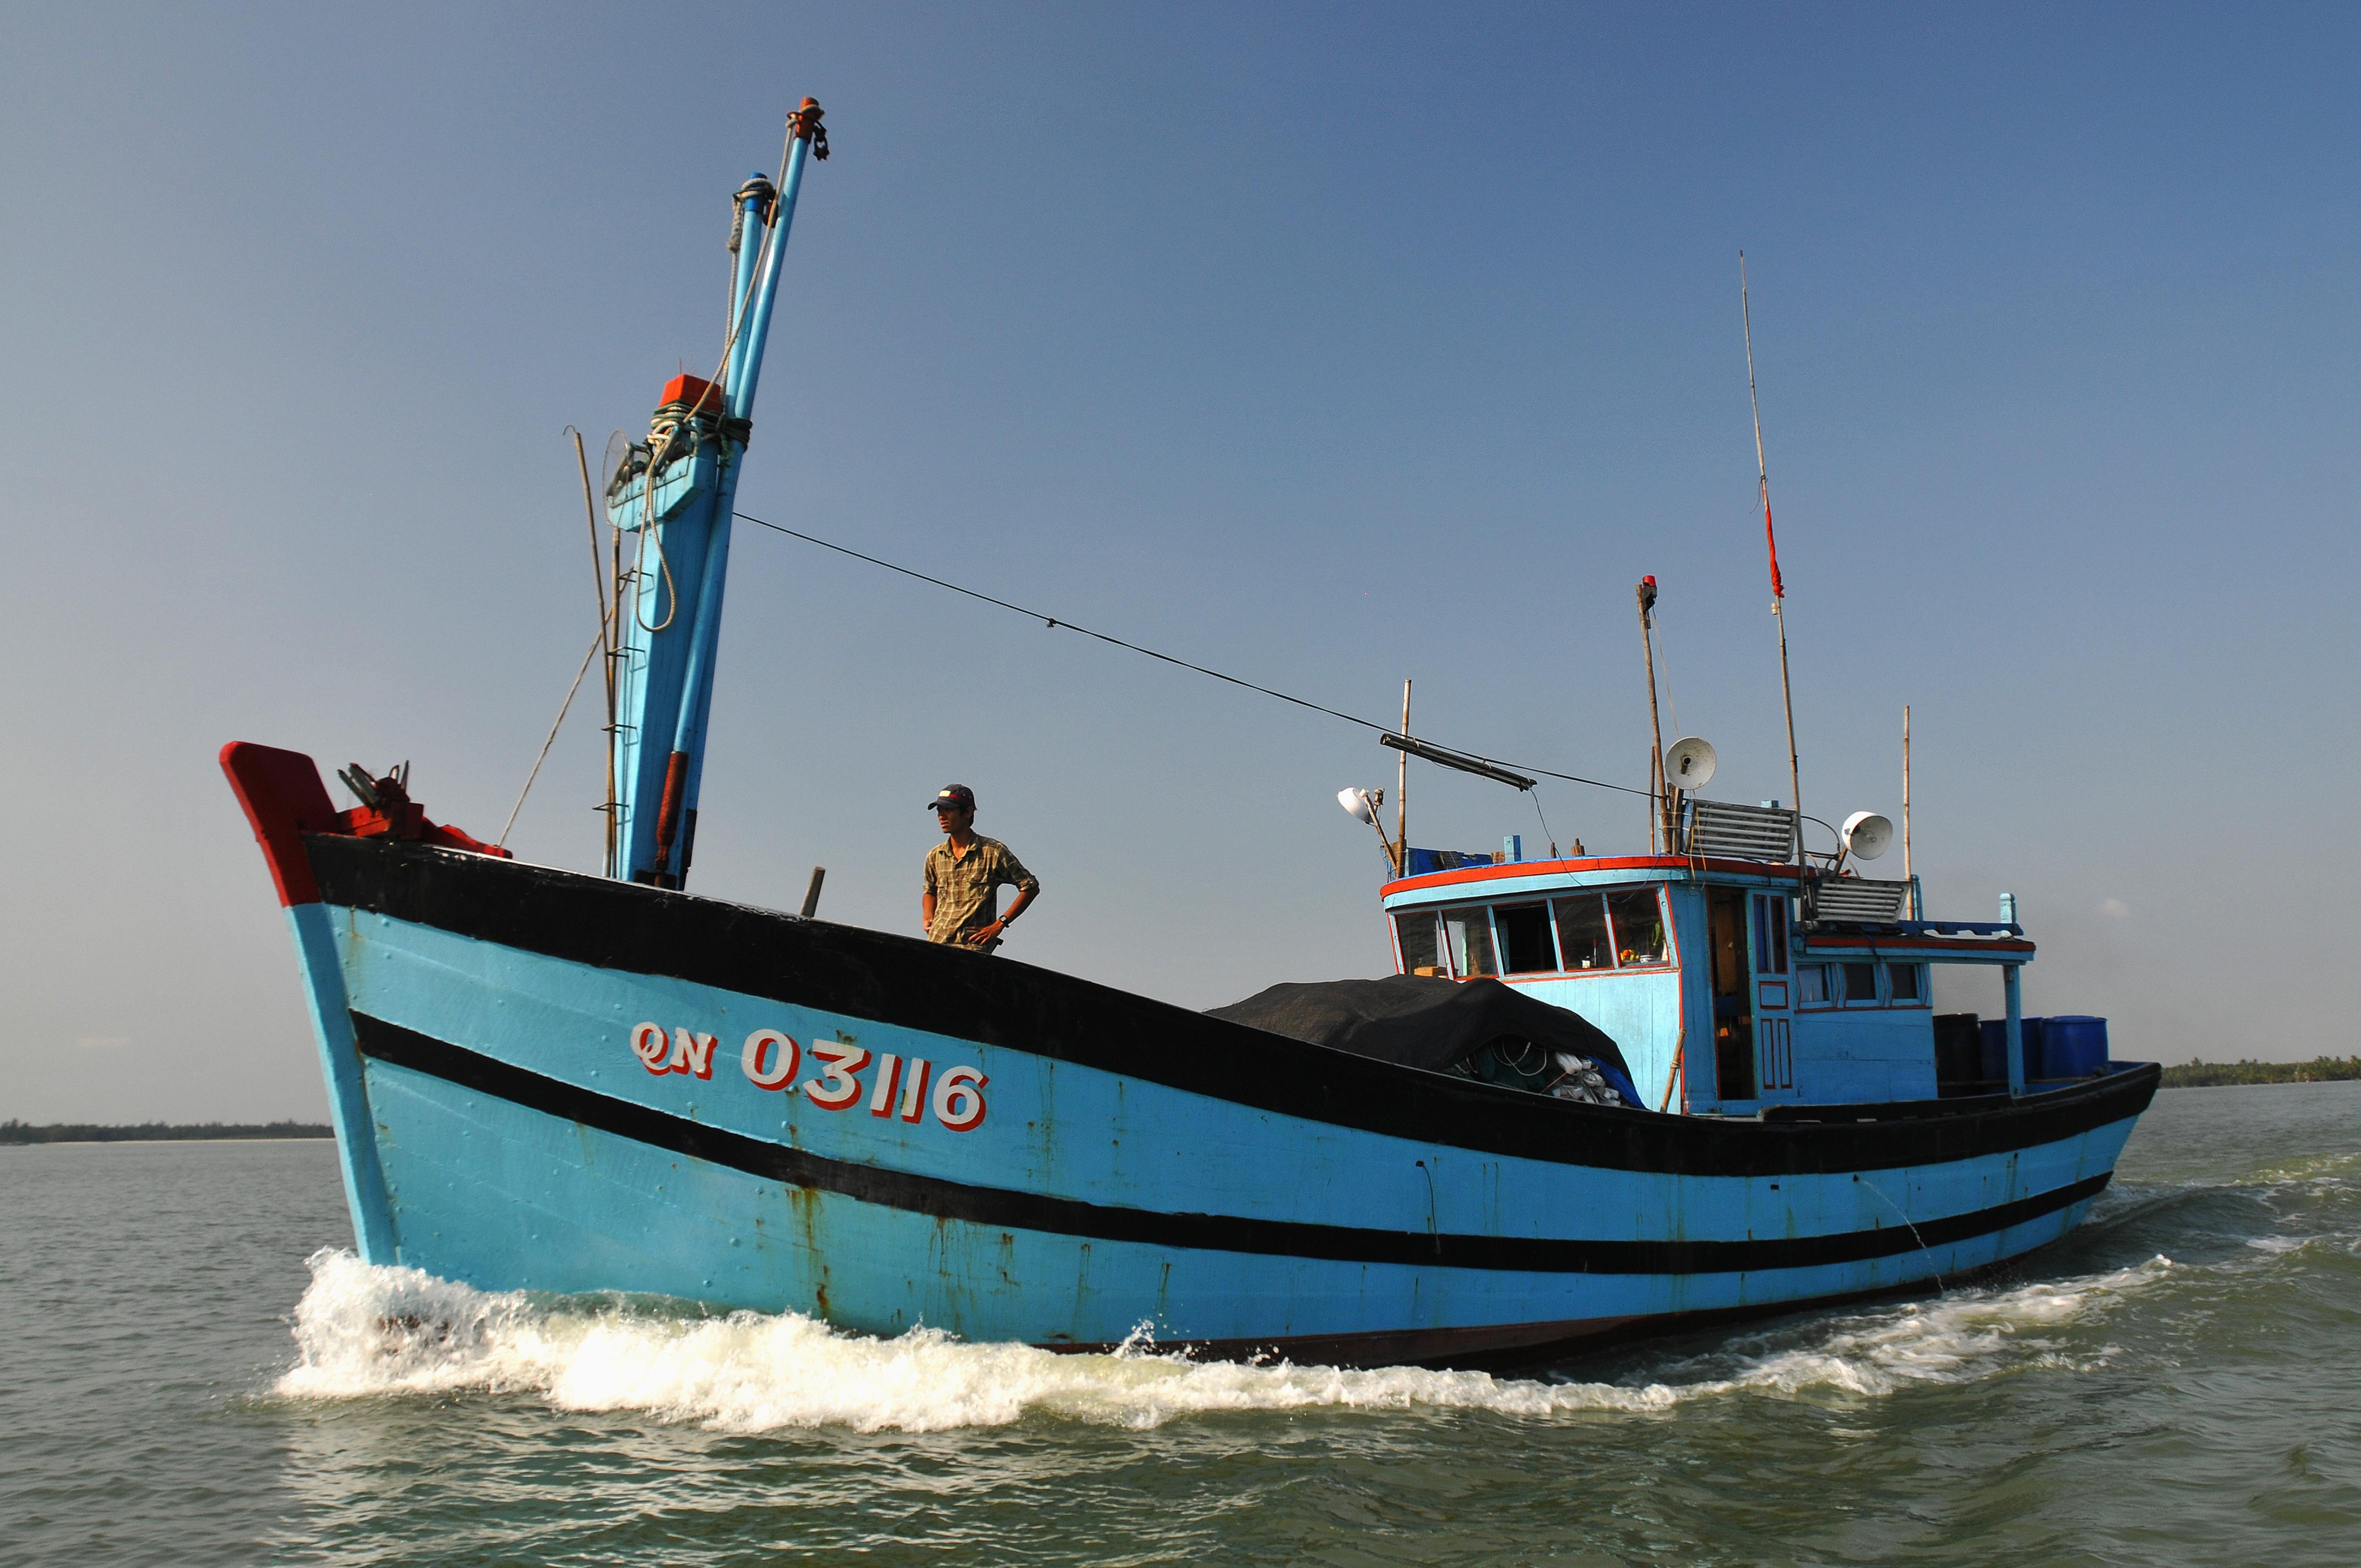 A_fishing_boat_on_the_Thu_Bon_River,_Vietnam